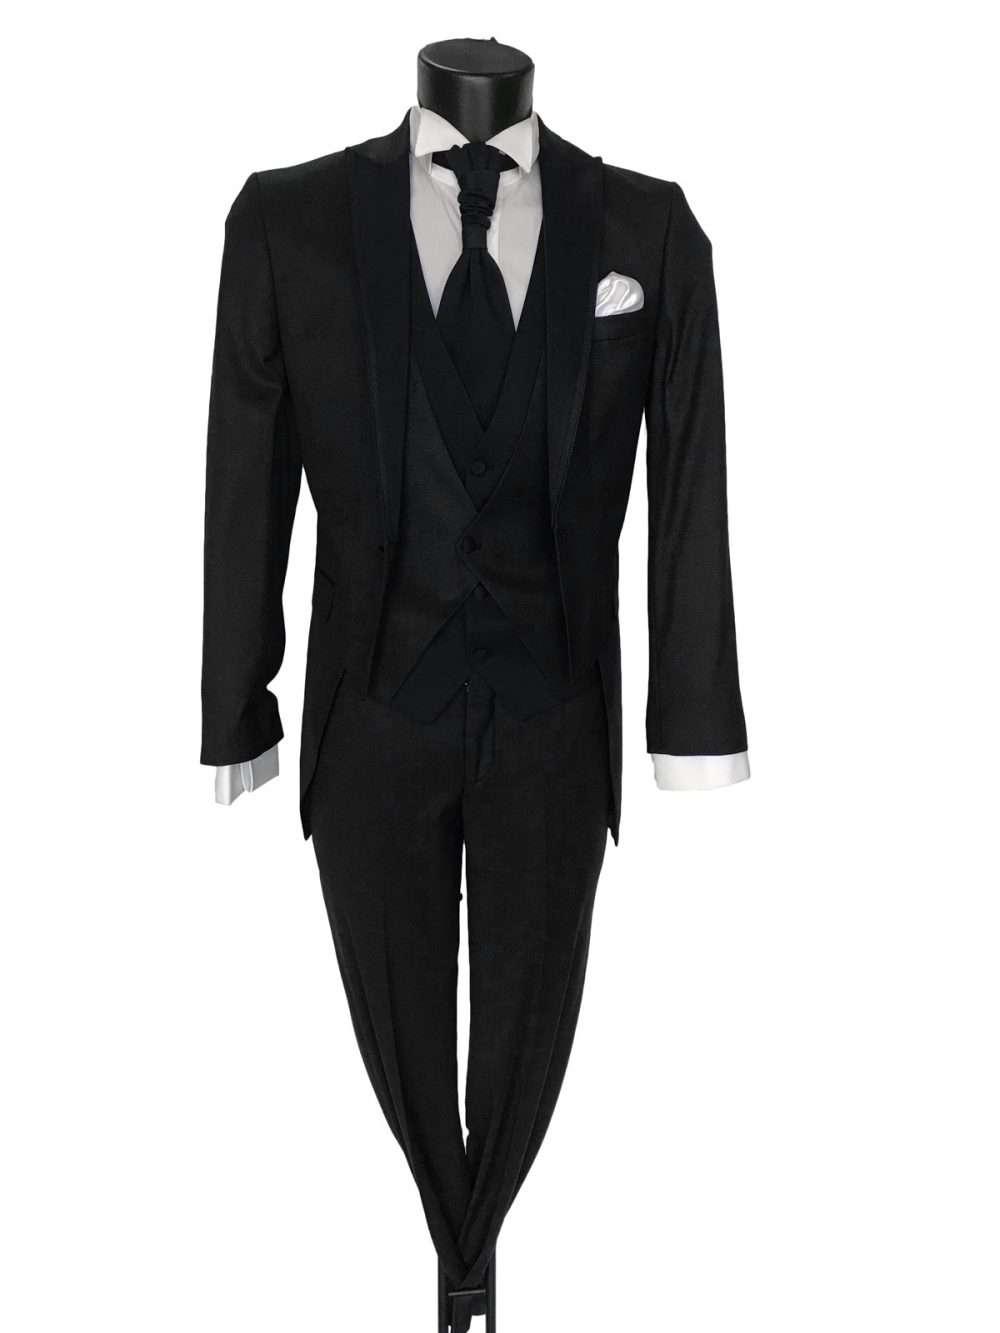 Foto Abito da Sposo modello tight vestibilità slim fit Jon colore nero